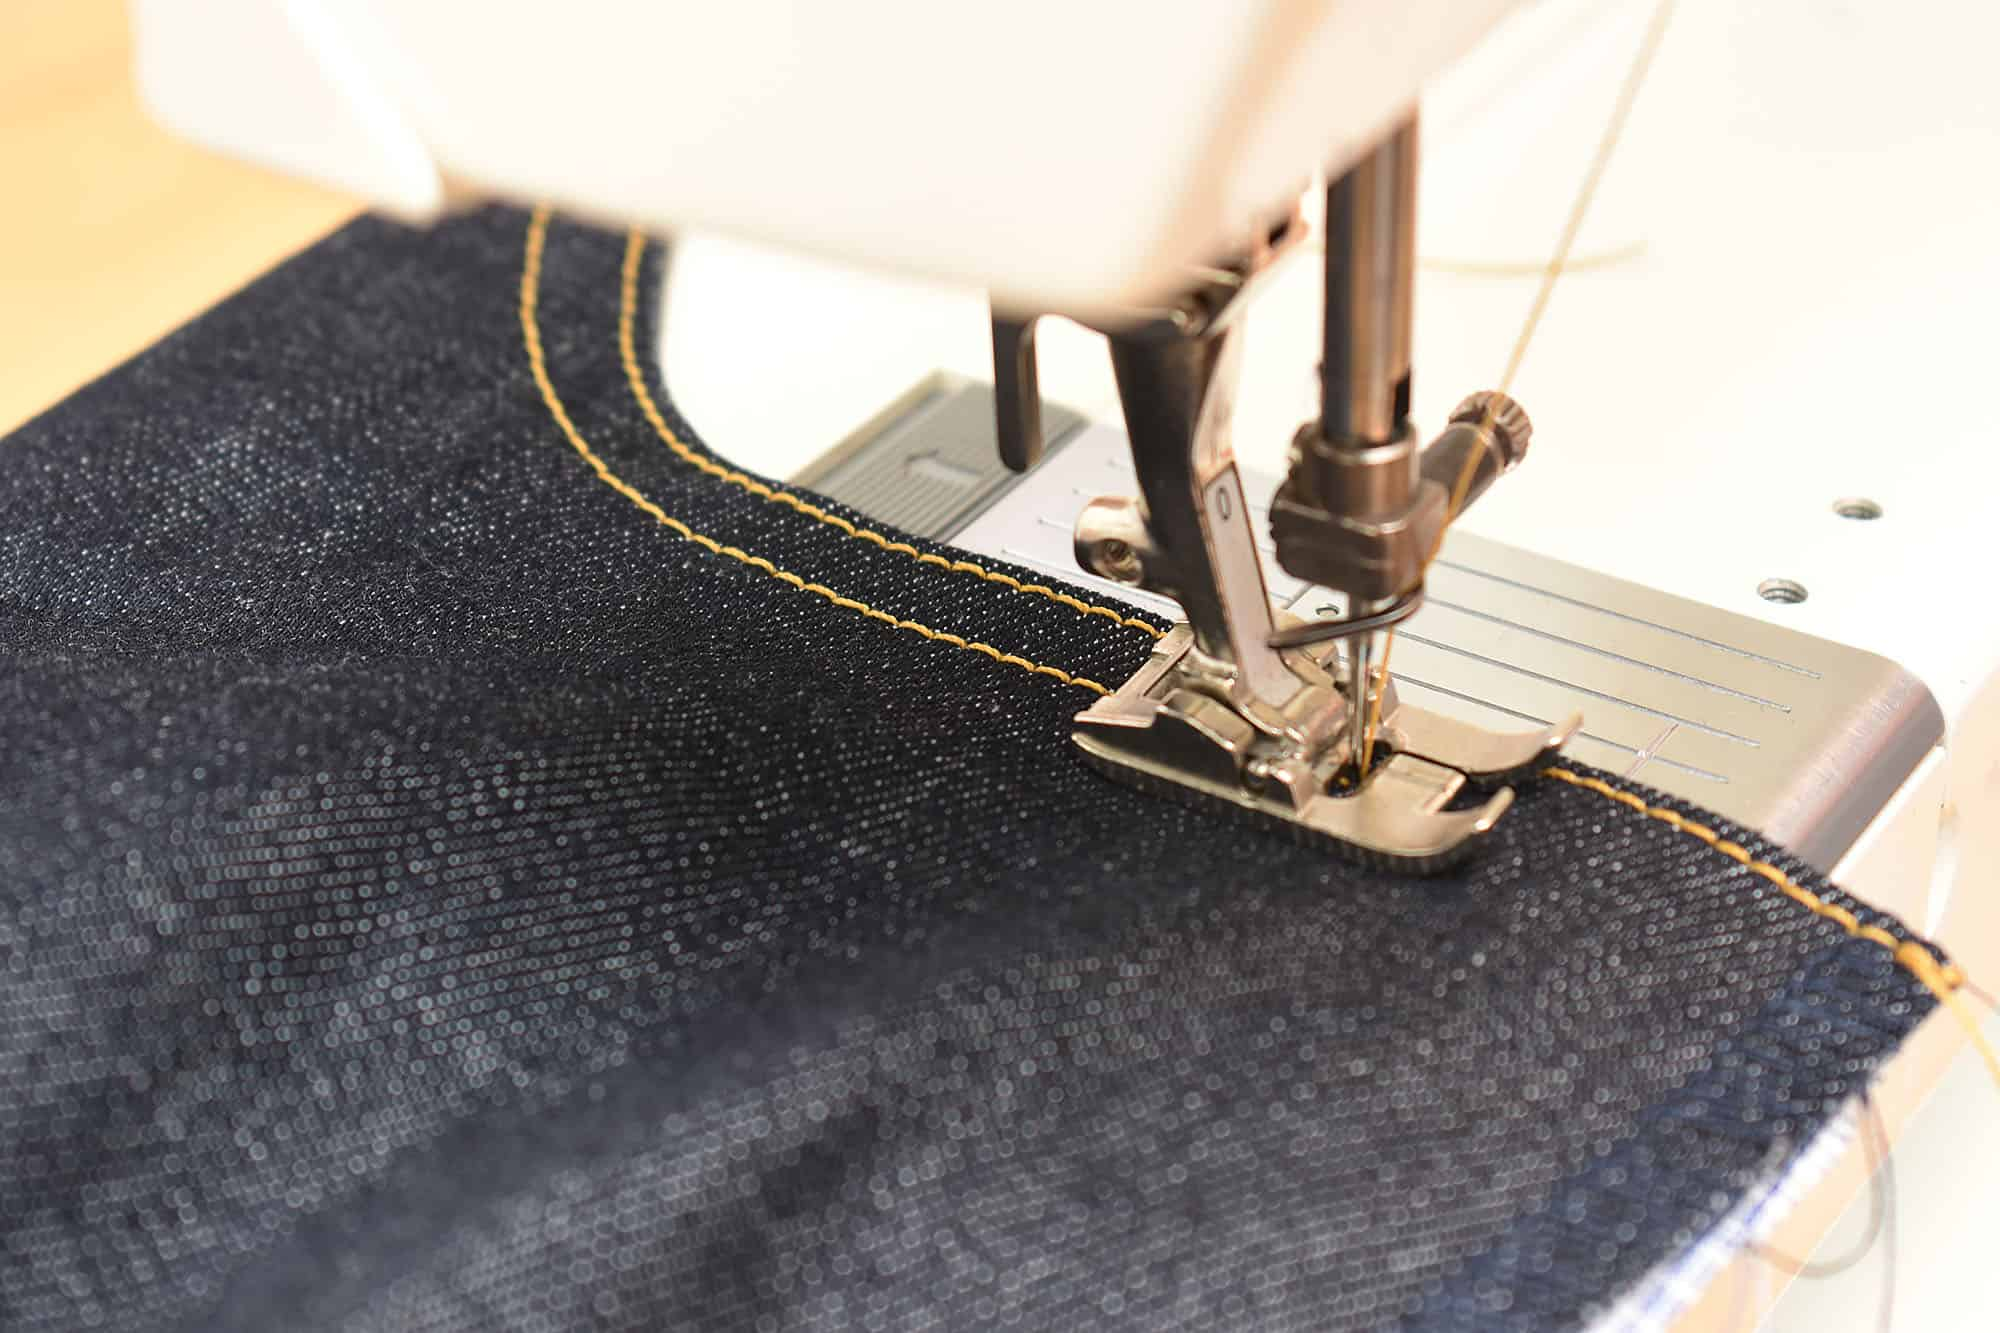 jeans progress report last stitch